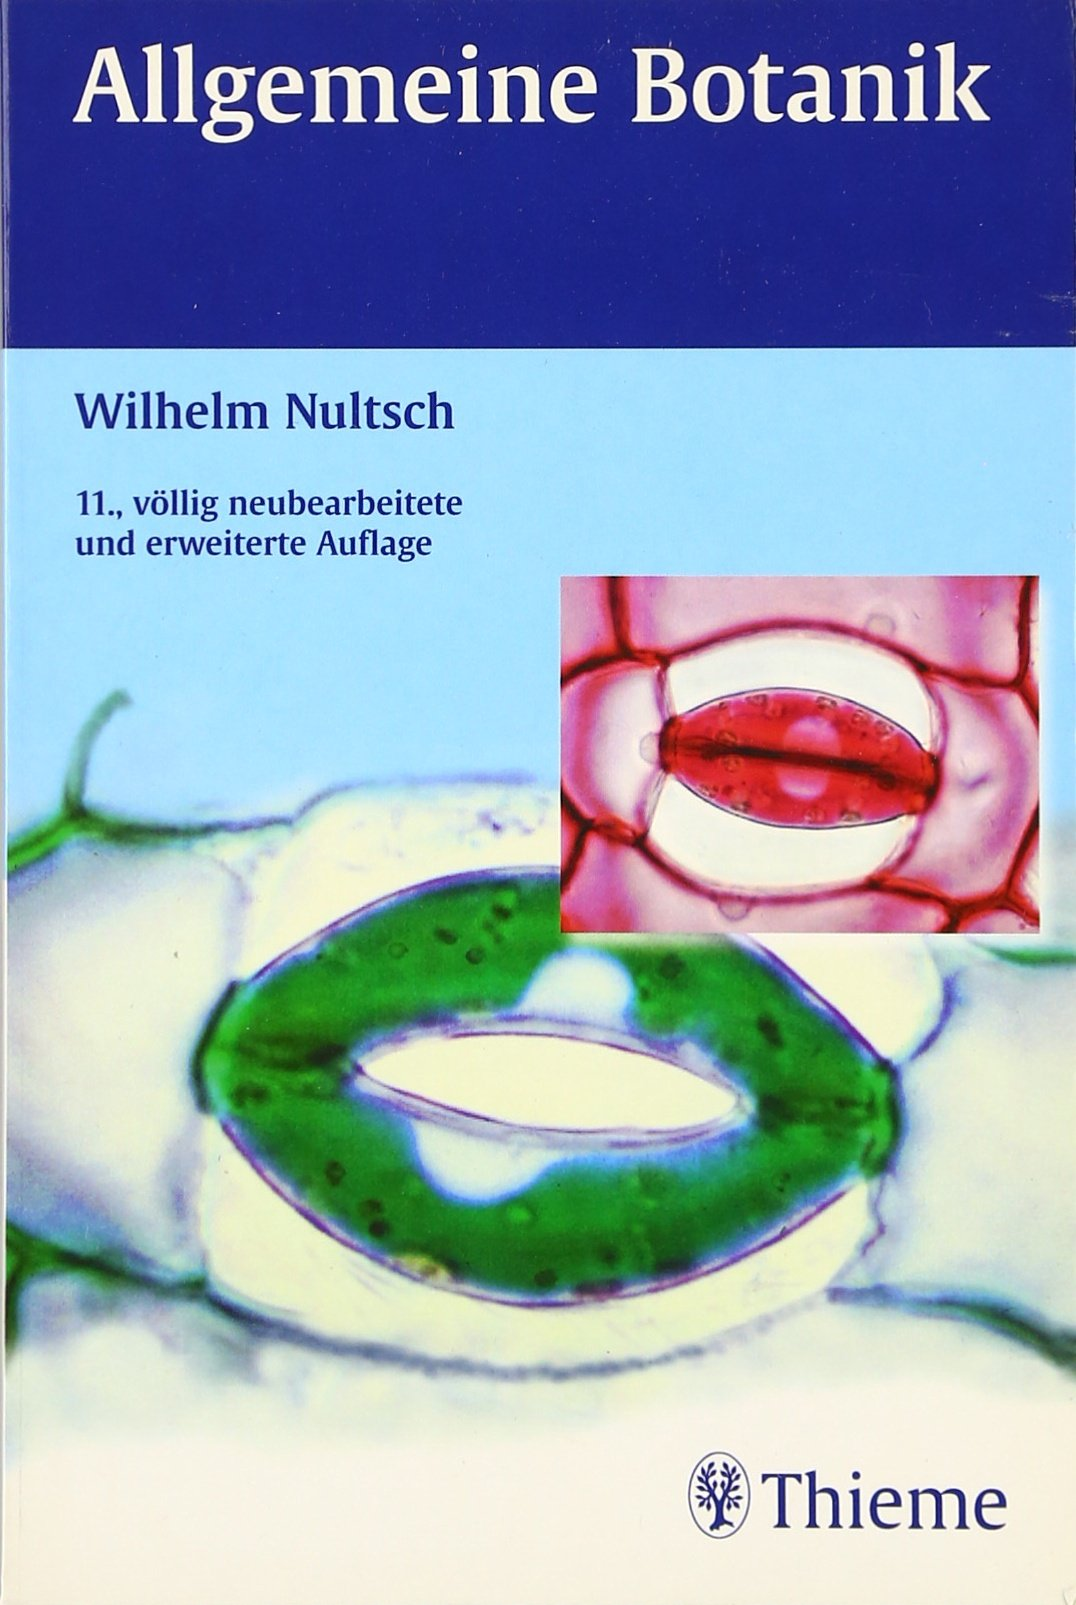 Allgemeine Botanik